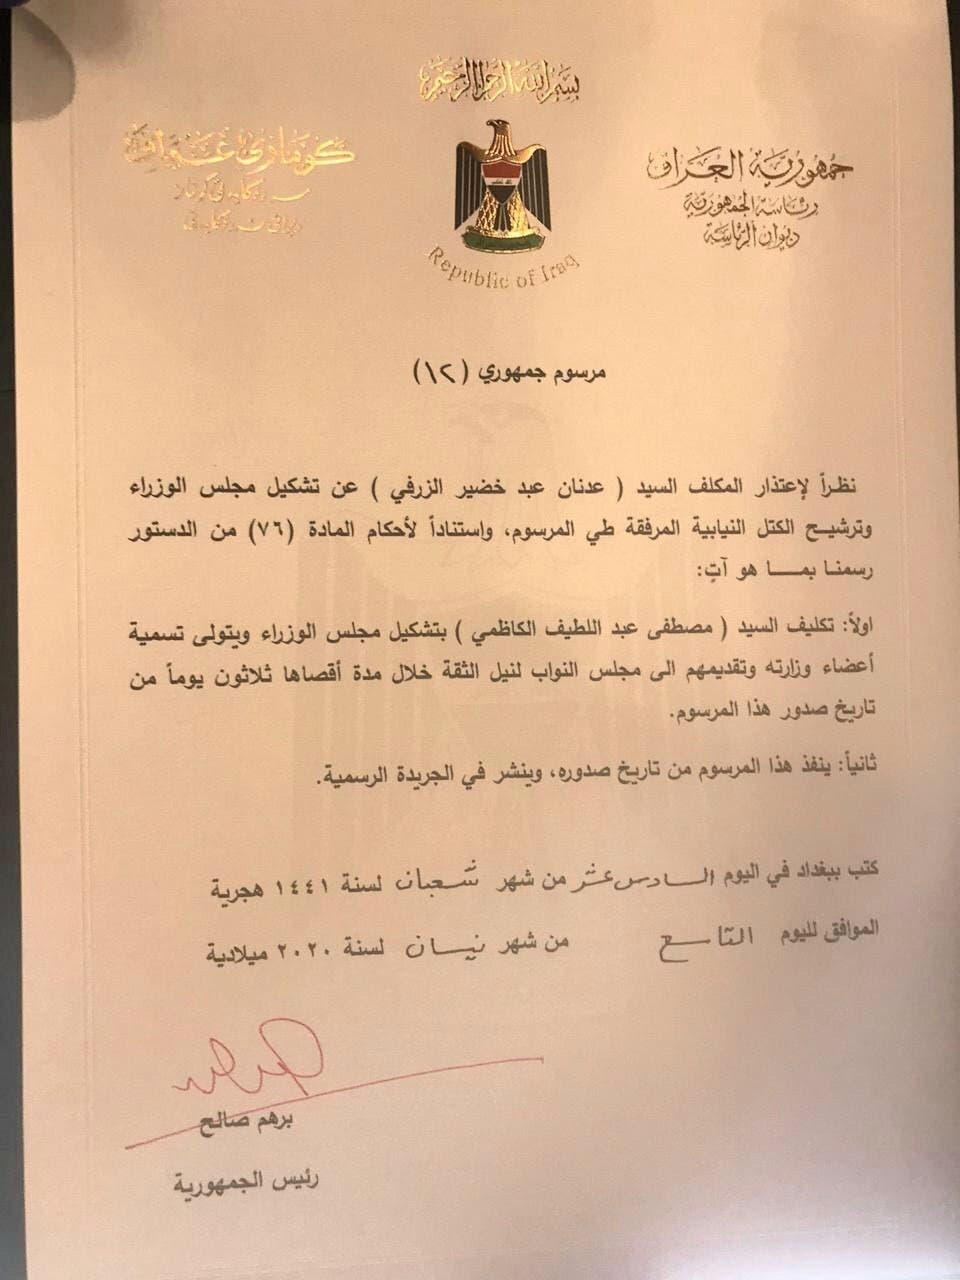 متن حکم ماموریت رئیس جمهوری عراق به الکاظمی